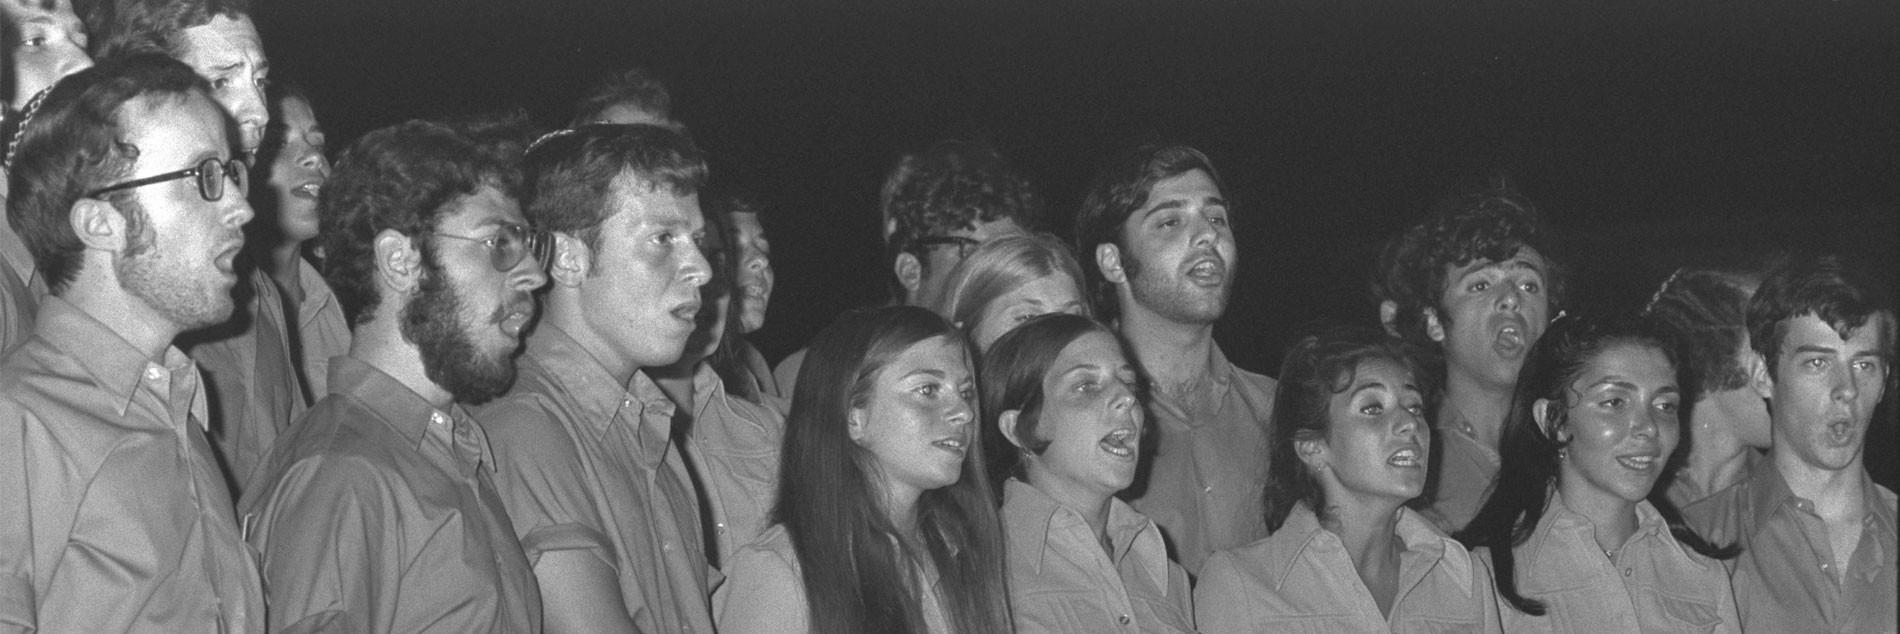 חדש: אתר האינטרנט בית לזמר העברי